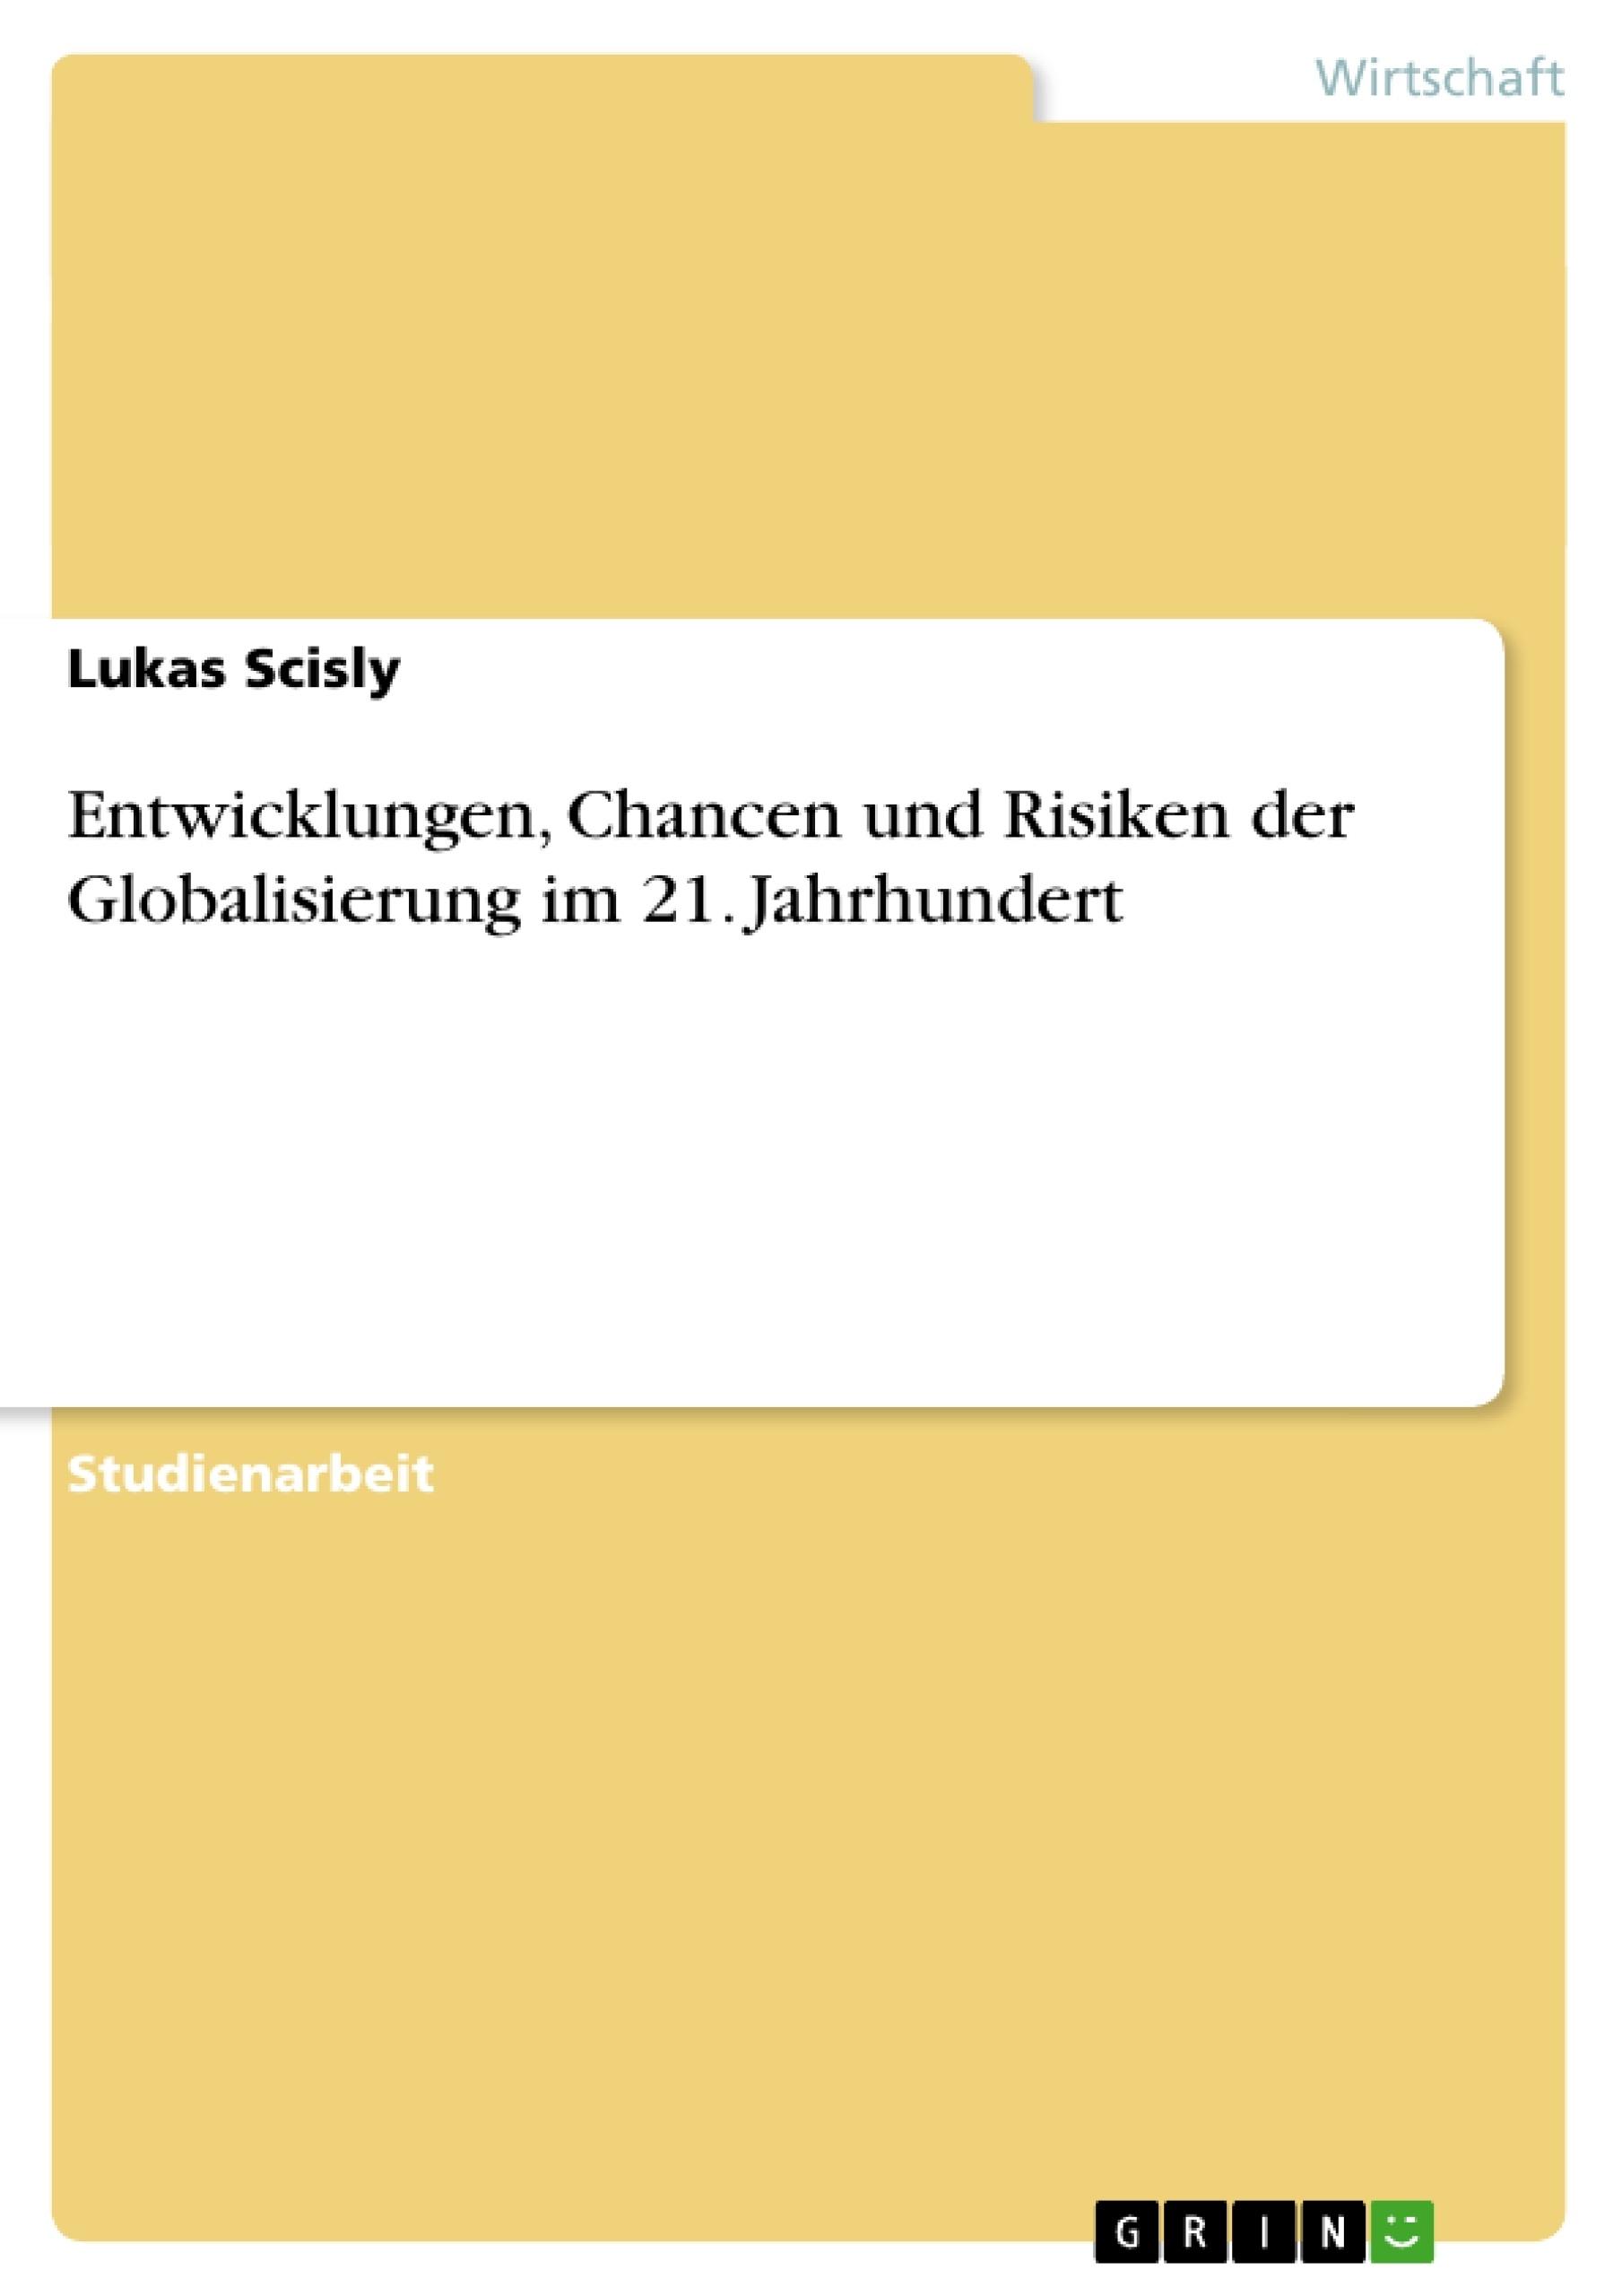 Titel: Entwicklungen, Chancen und Risiken der Globalisierung im 21. Jahrhundert